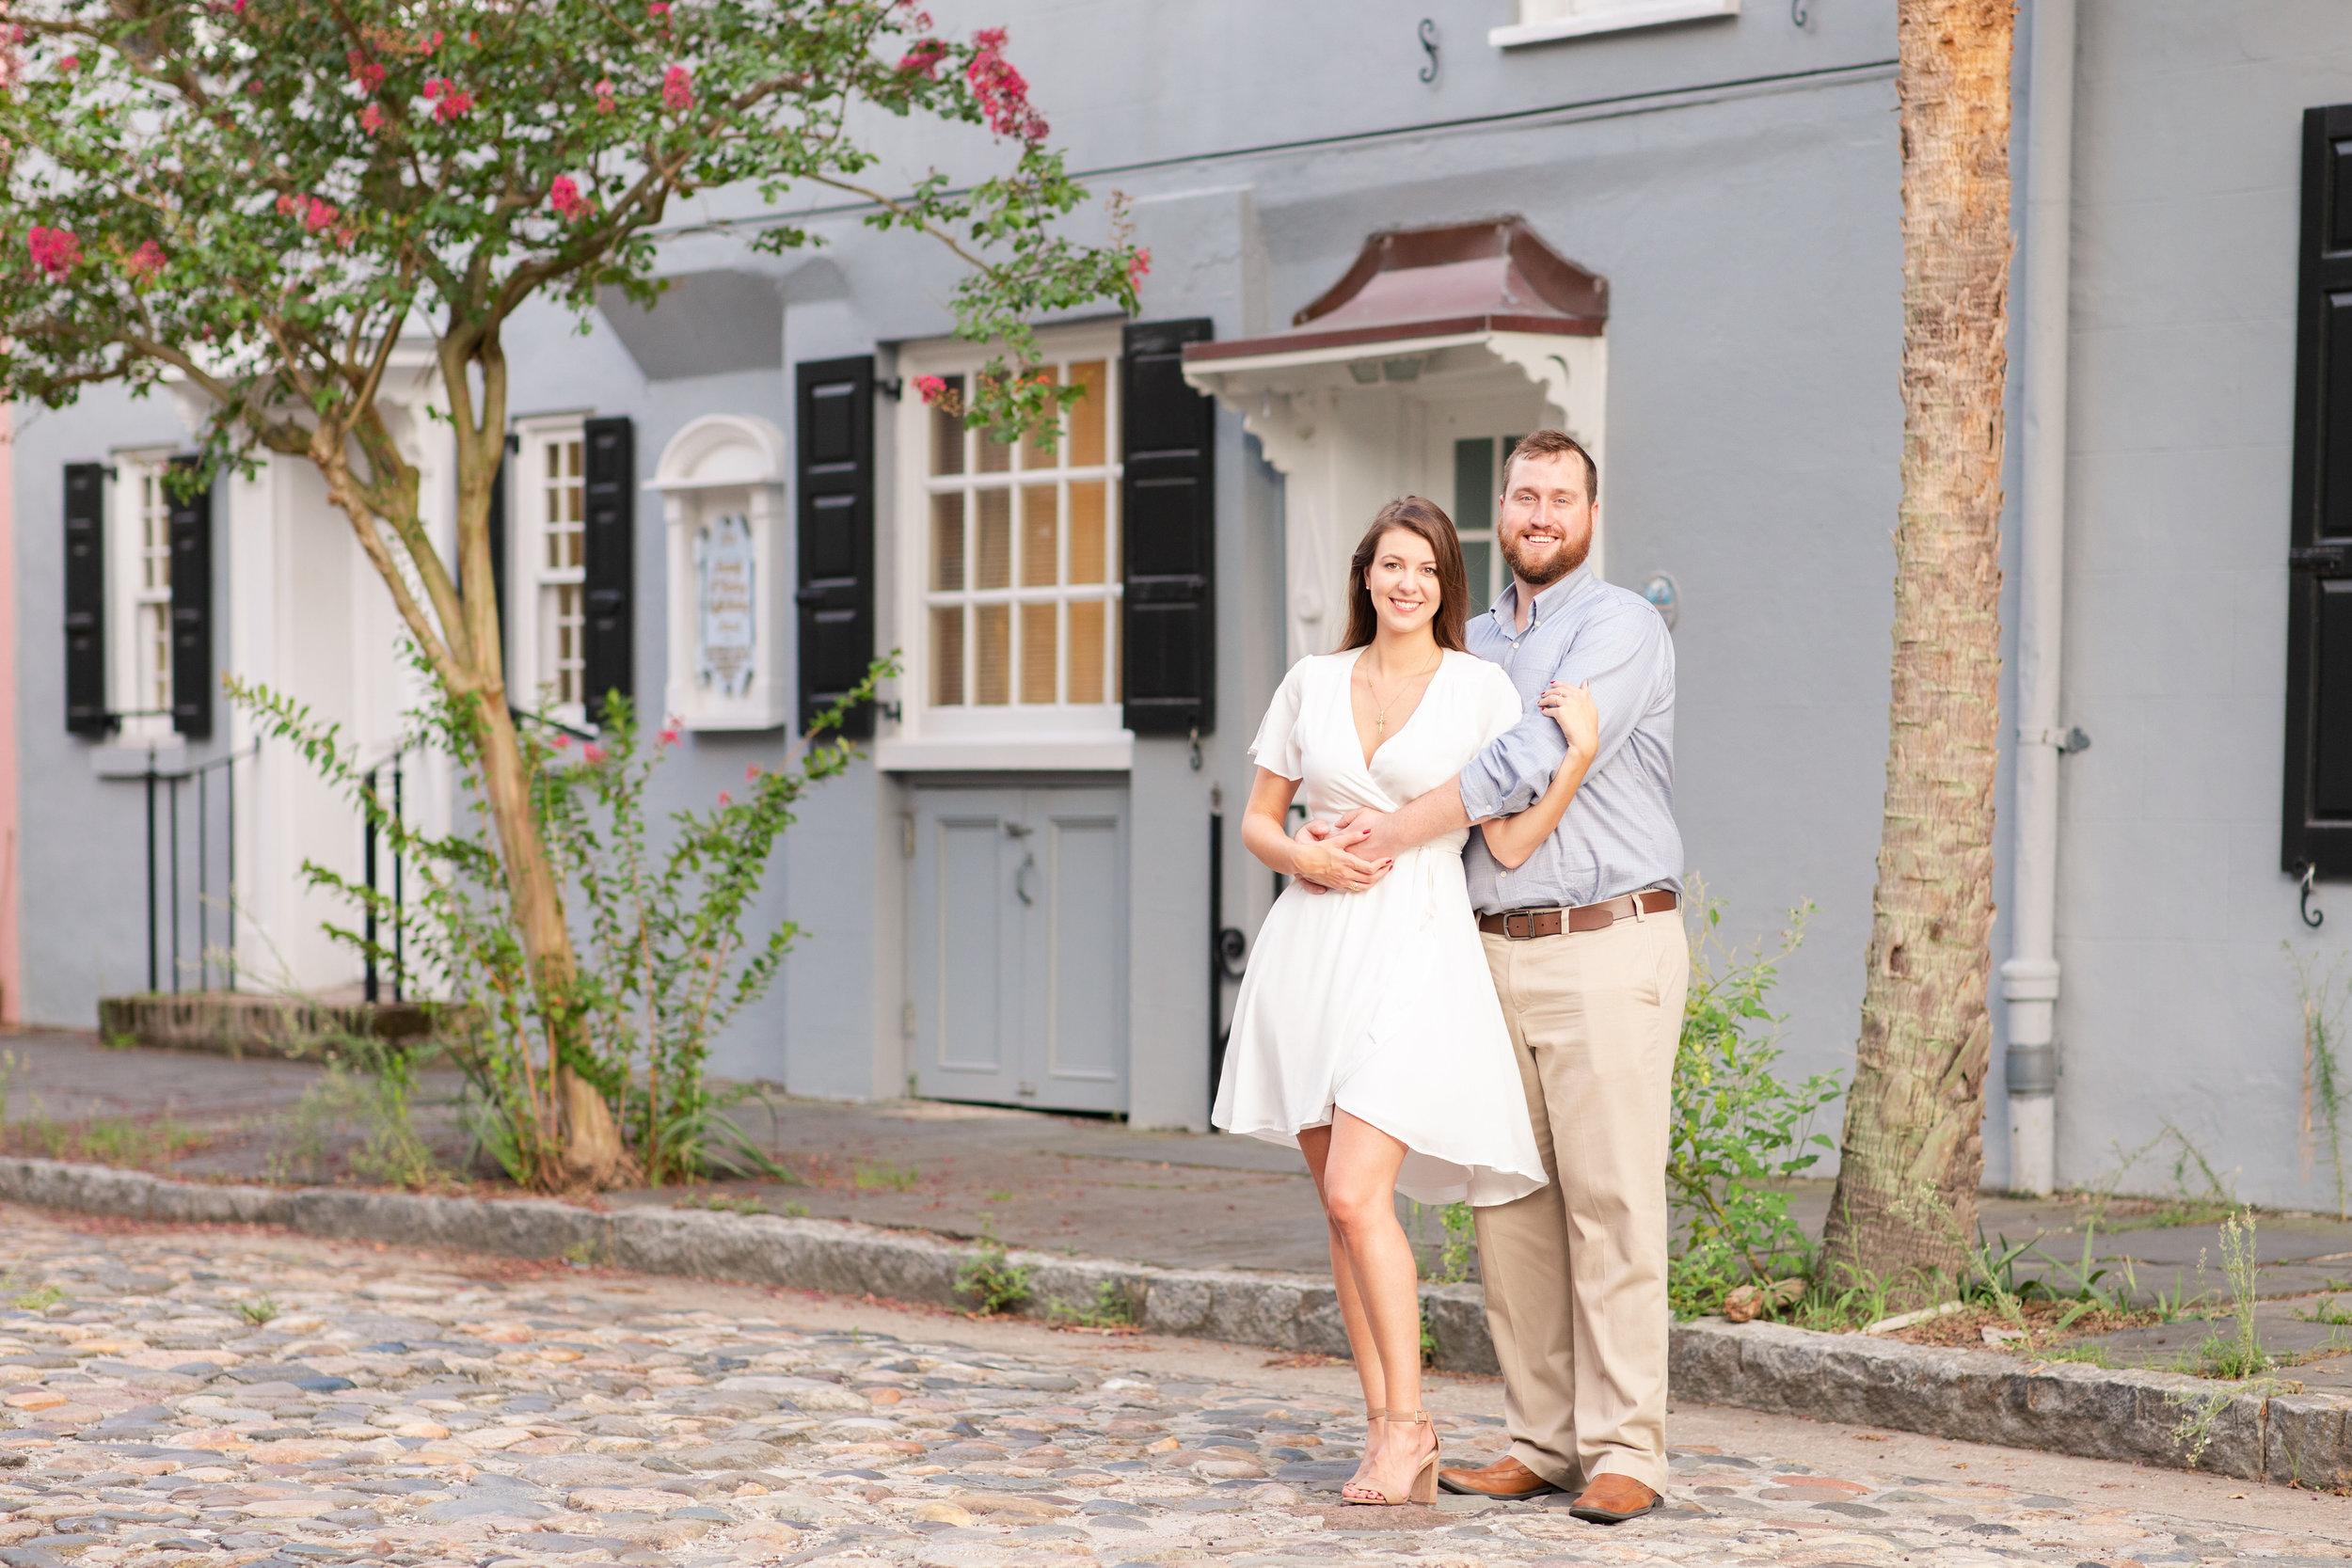 Charleston South Carolina Engagement Session Charleston Wedding Photographer Photo_3583.JPG